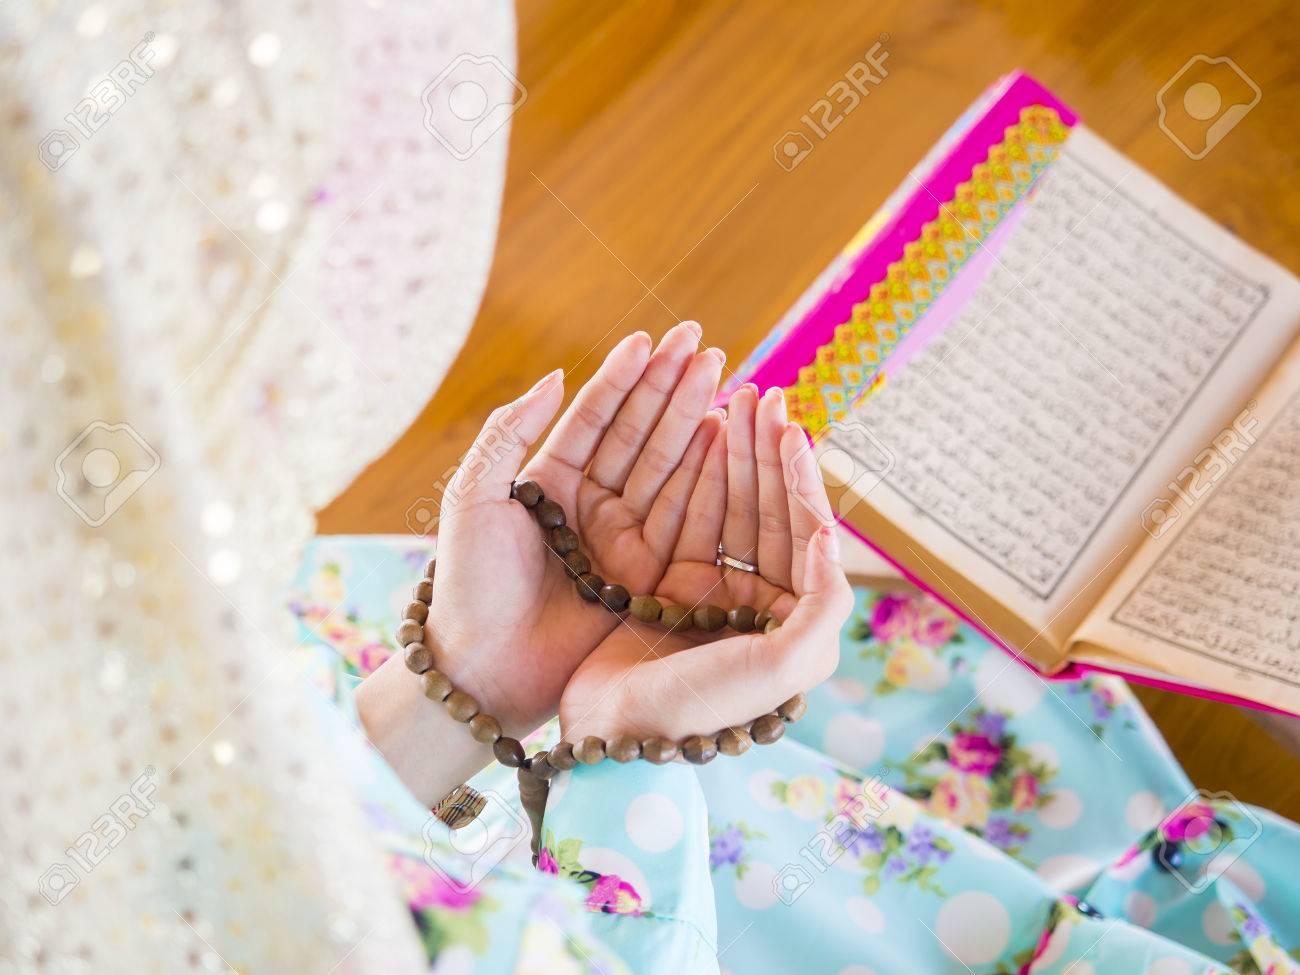 young muslim woman praying for Allah, muslim God - 37542529